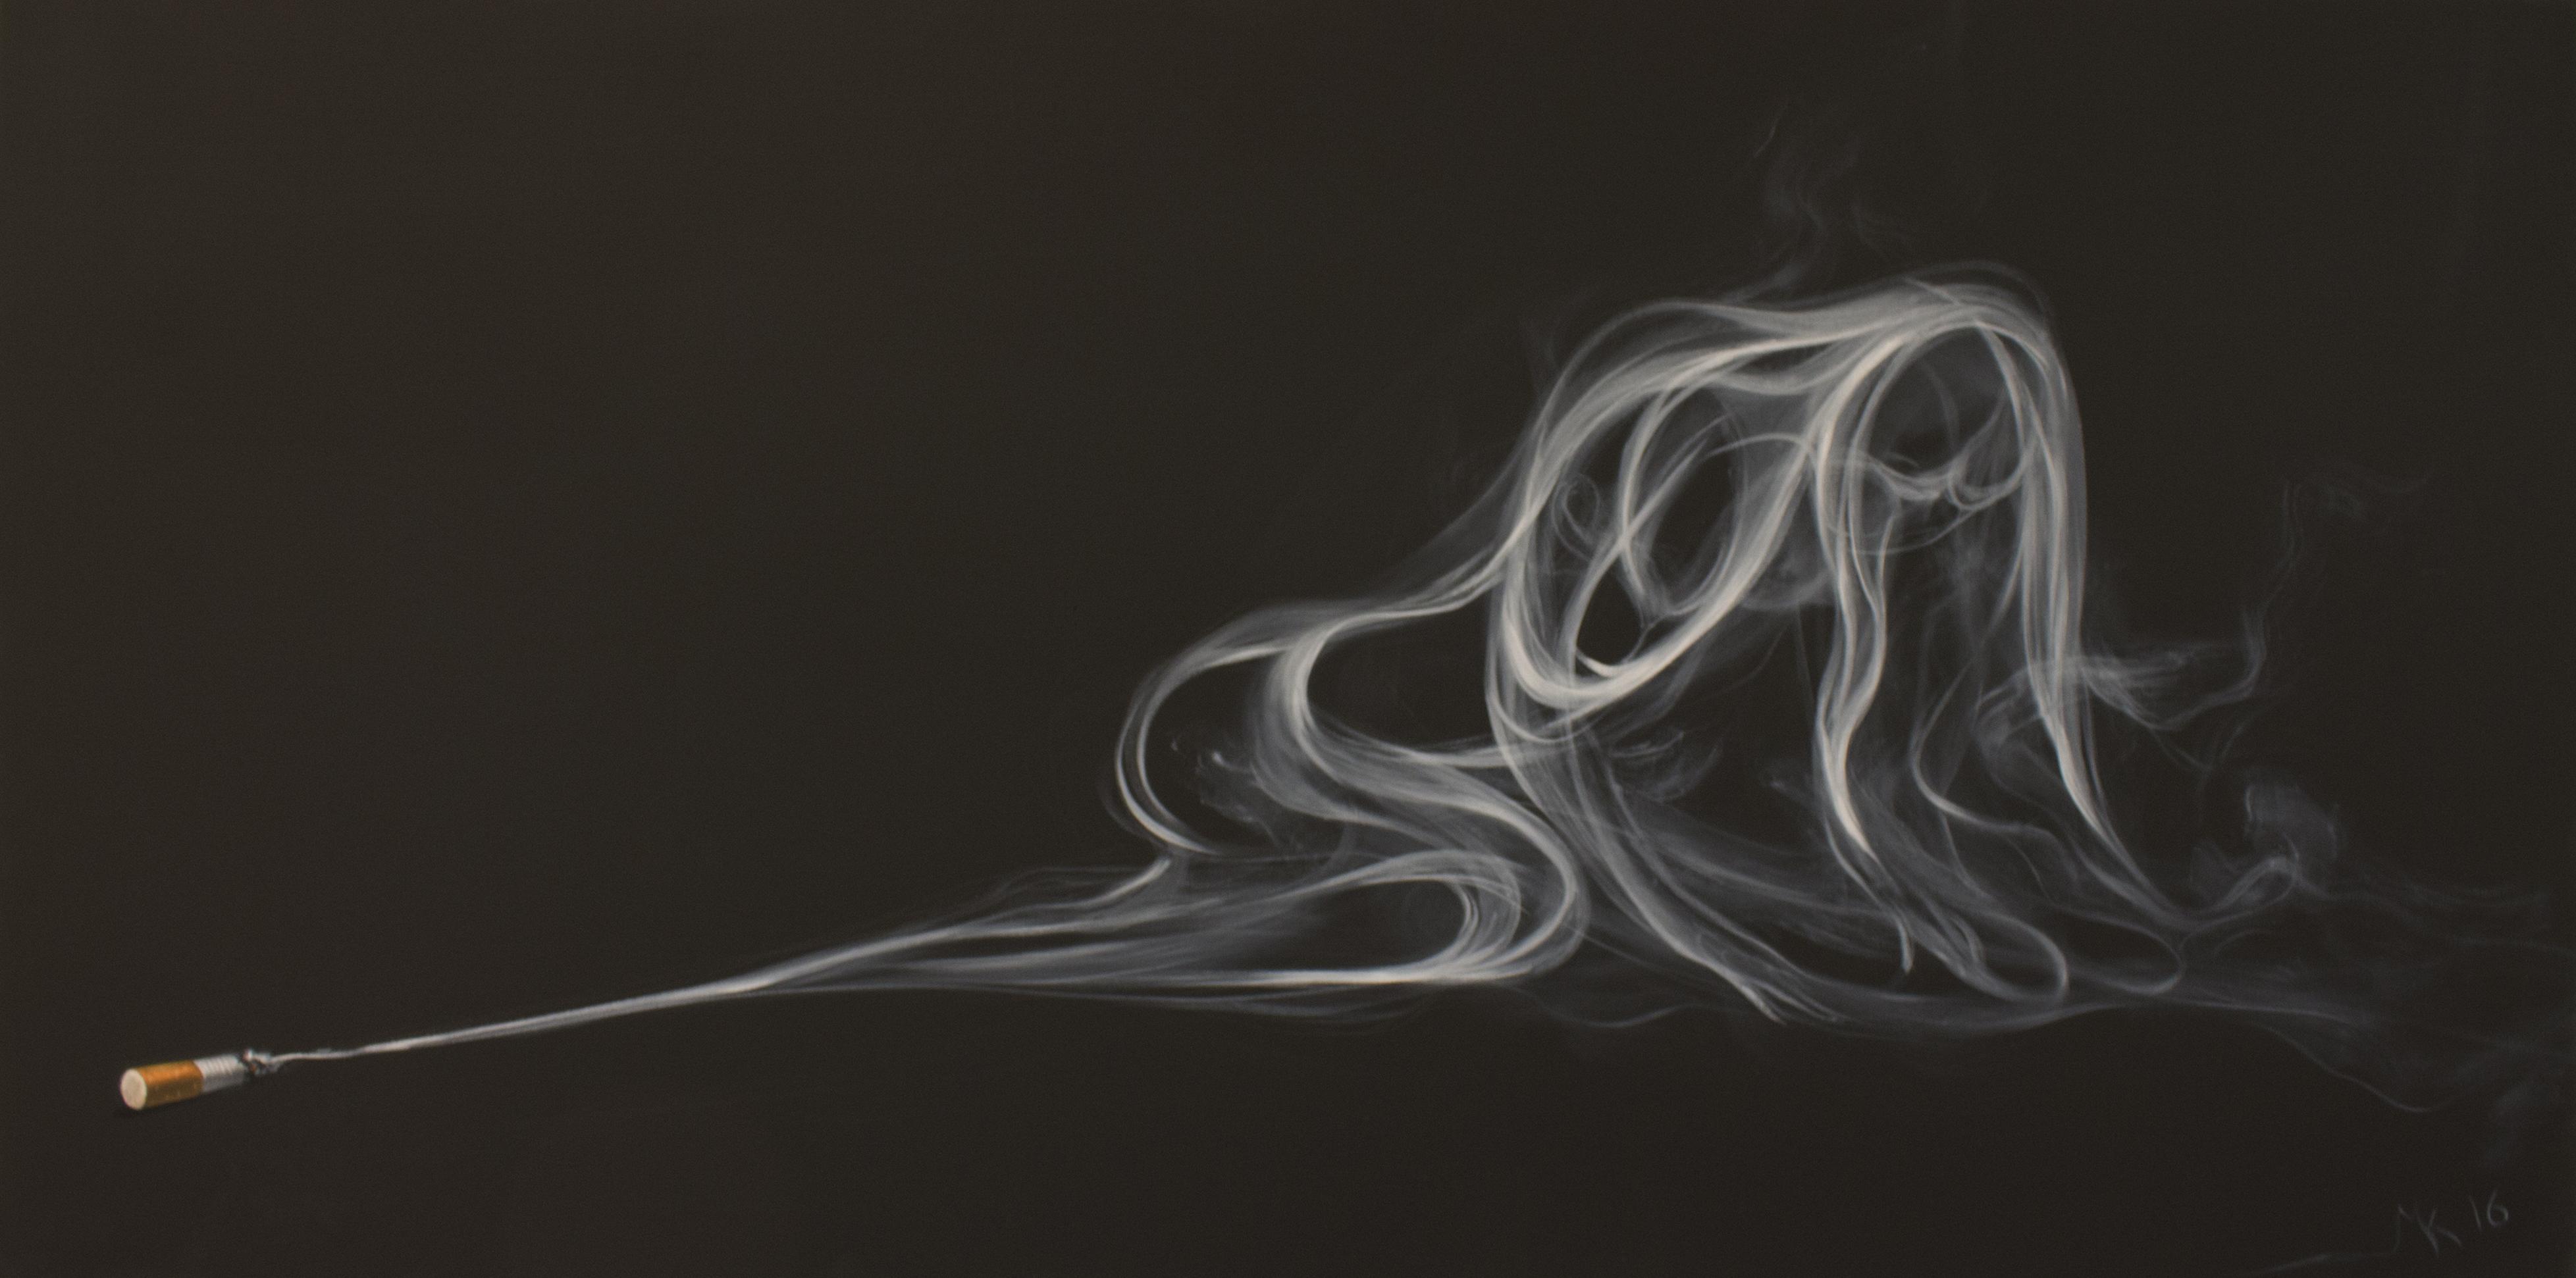 Struggle - Smoke- Mher Khachatryan